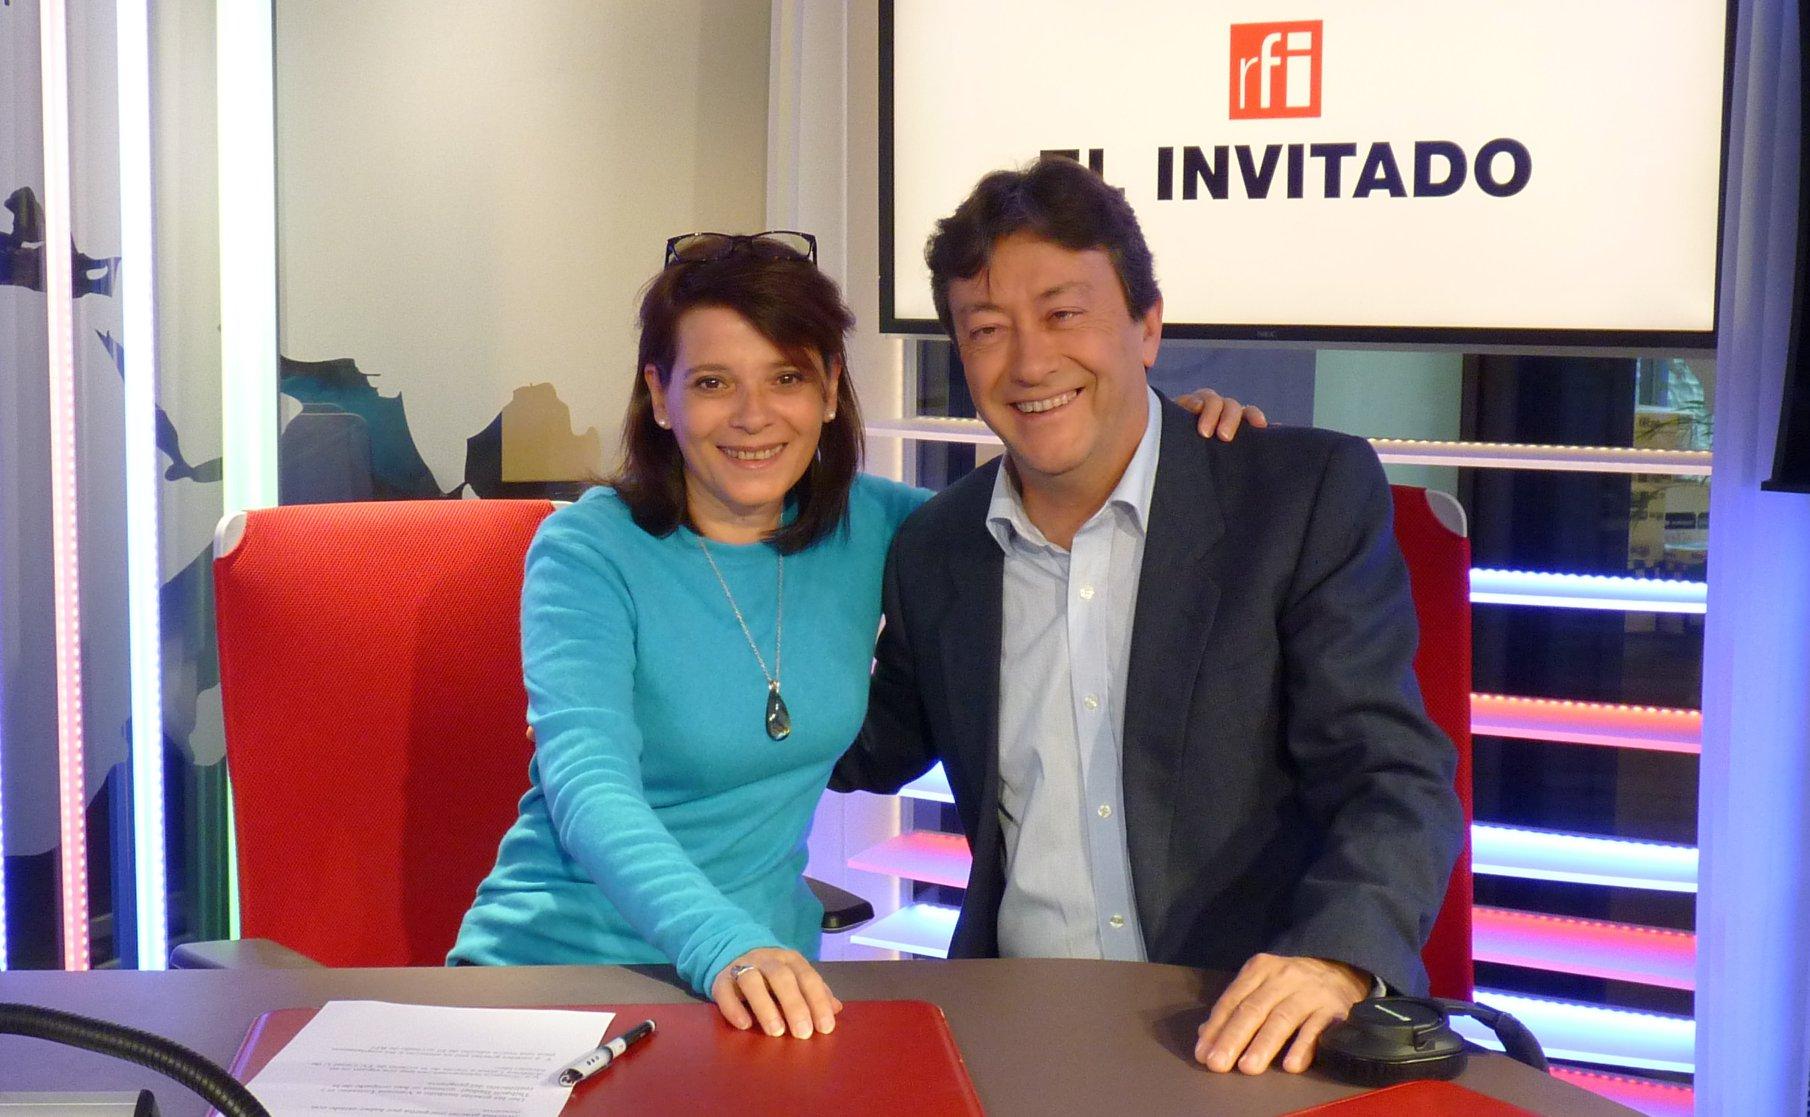 El invitado, Radio France Internatio